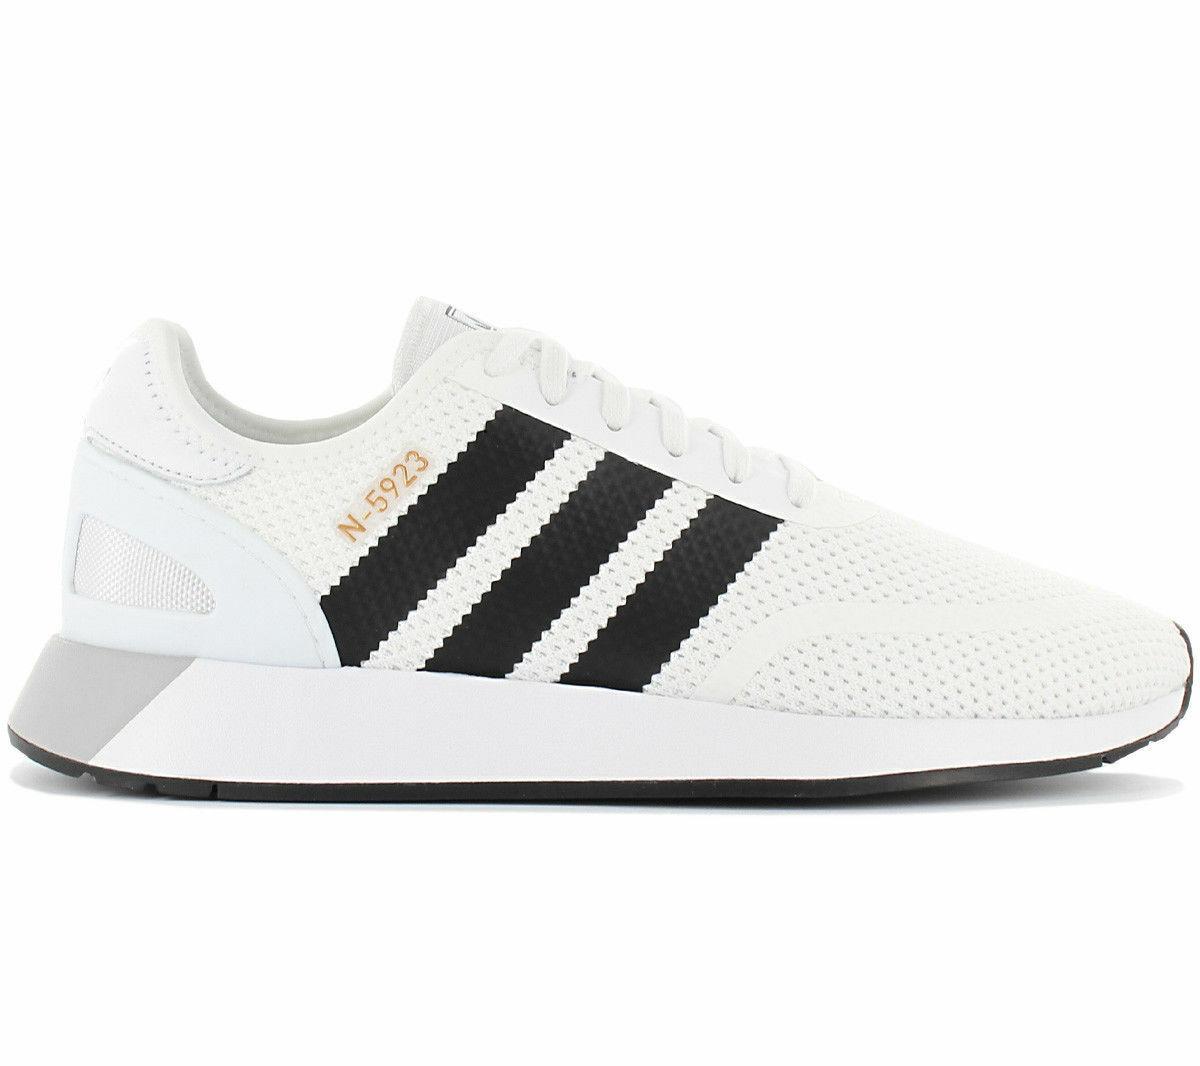 Adidas Original Iniki Runner N-5923 shoes Running White Black AH2159